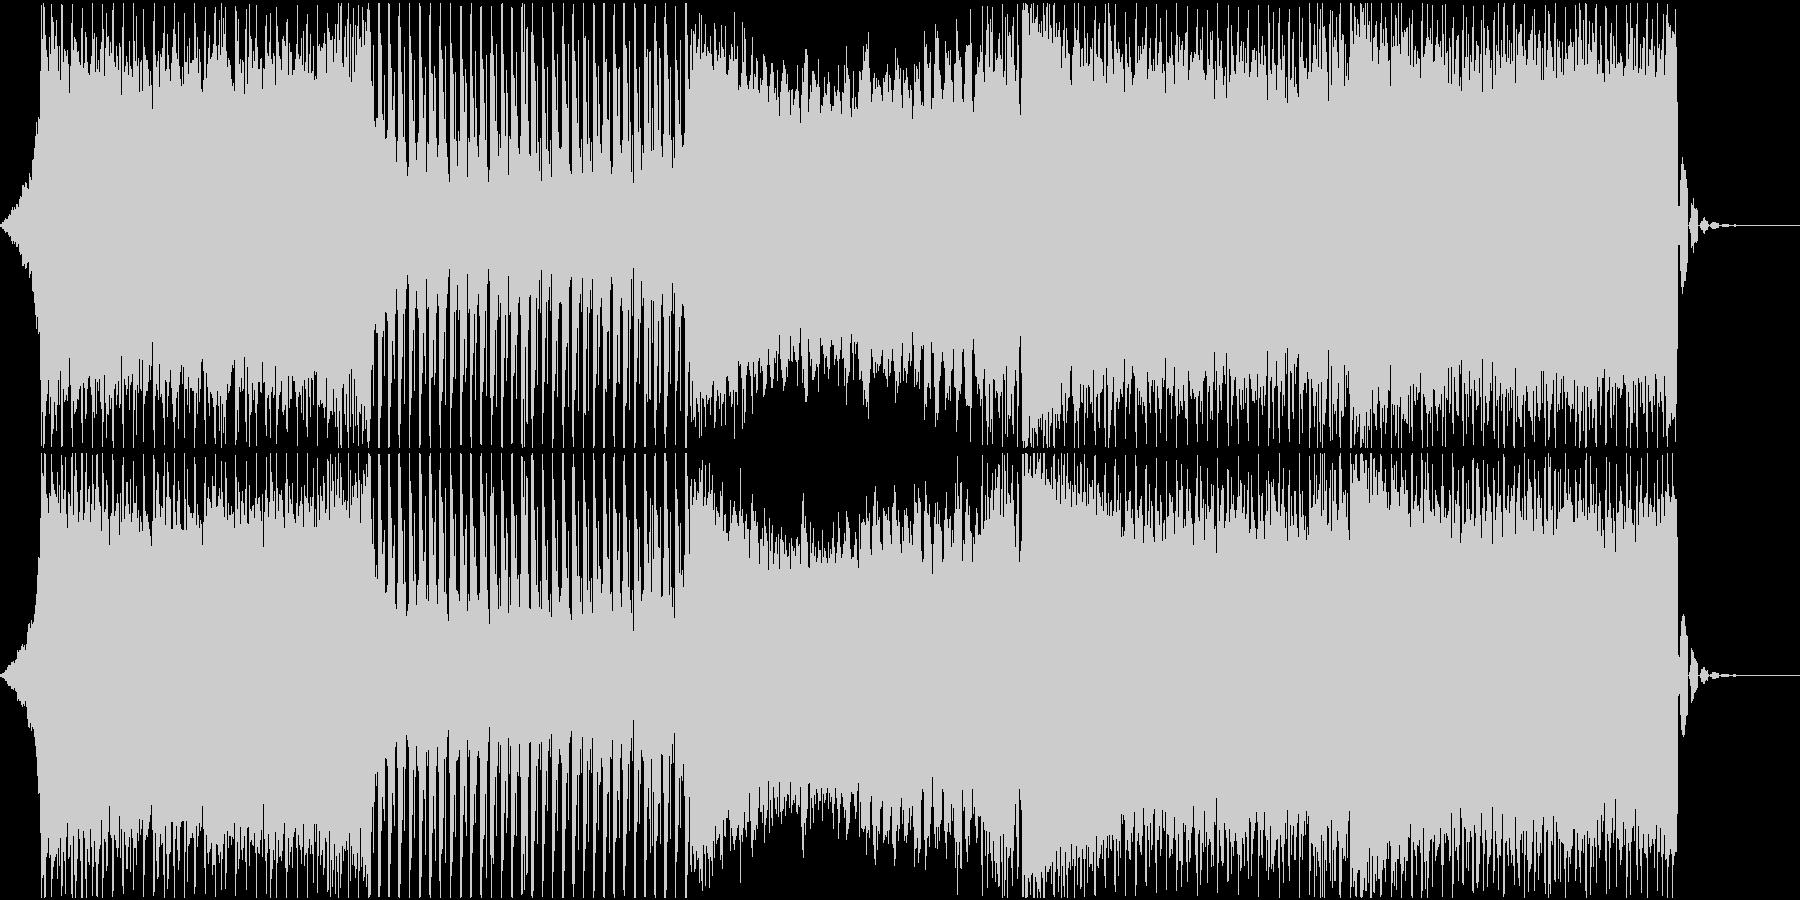 力強く前を向いていける雰囲気のEDMの未再生の波形